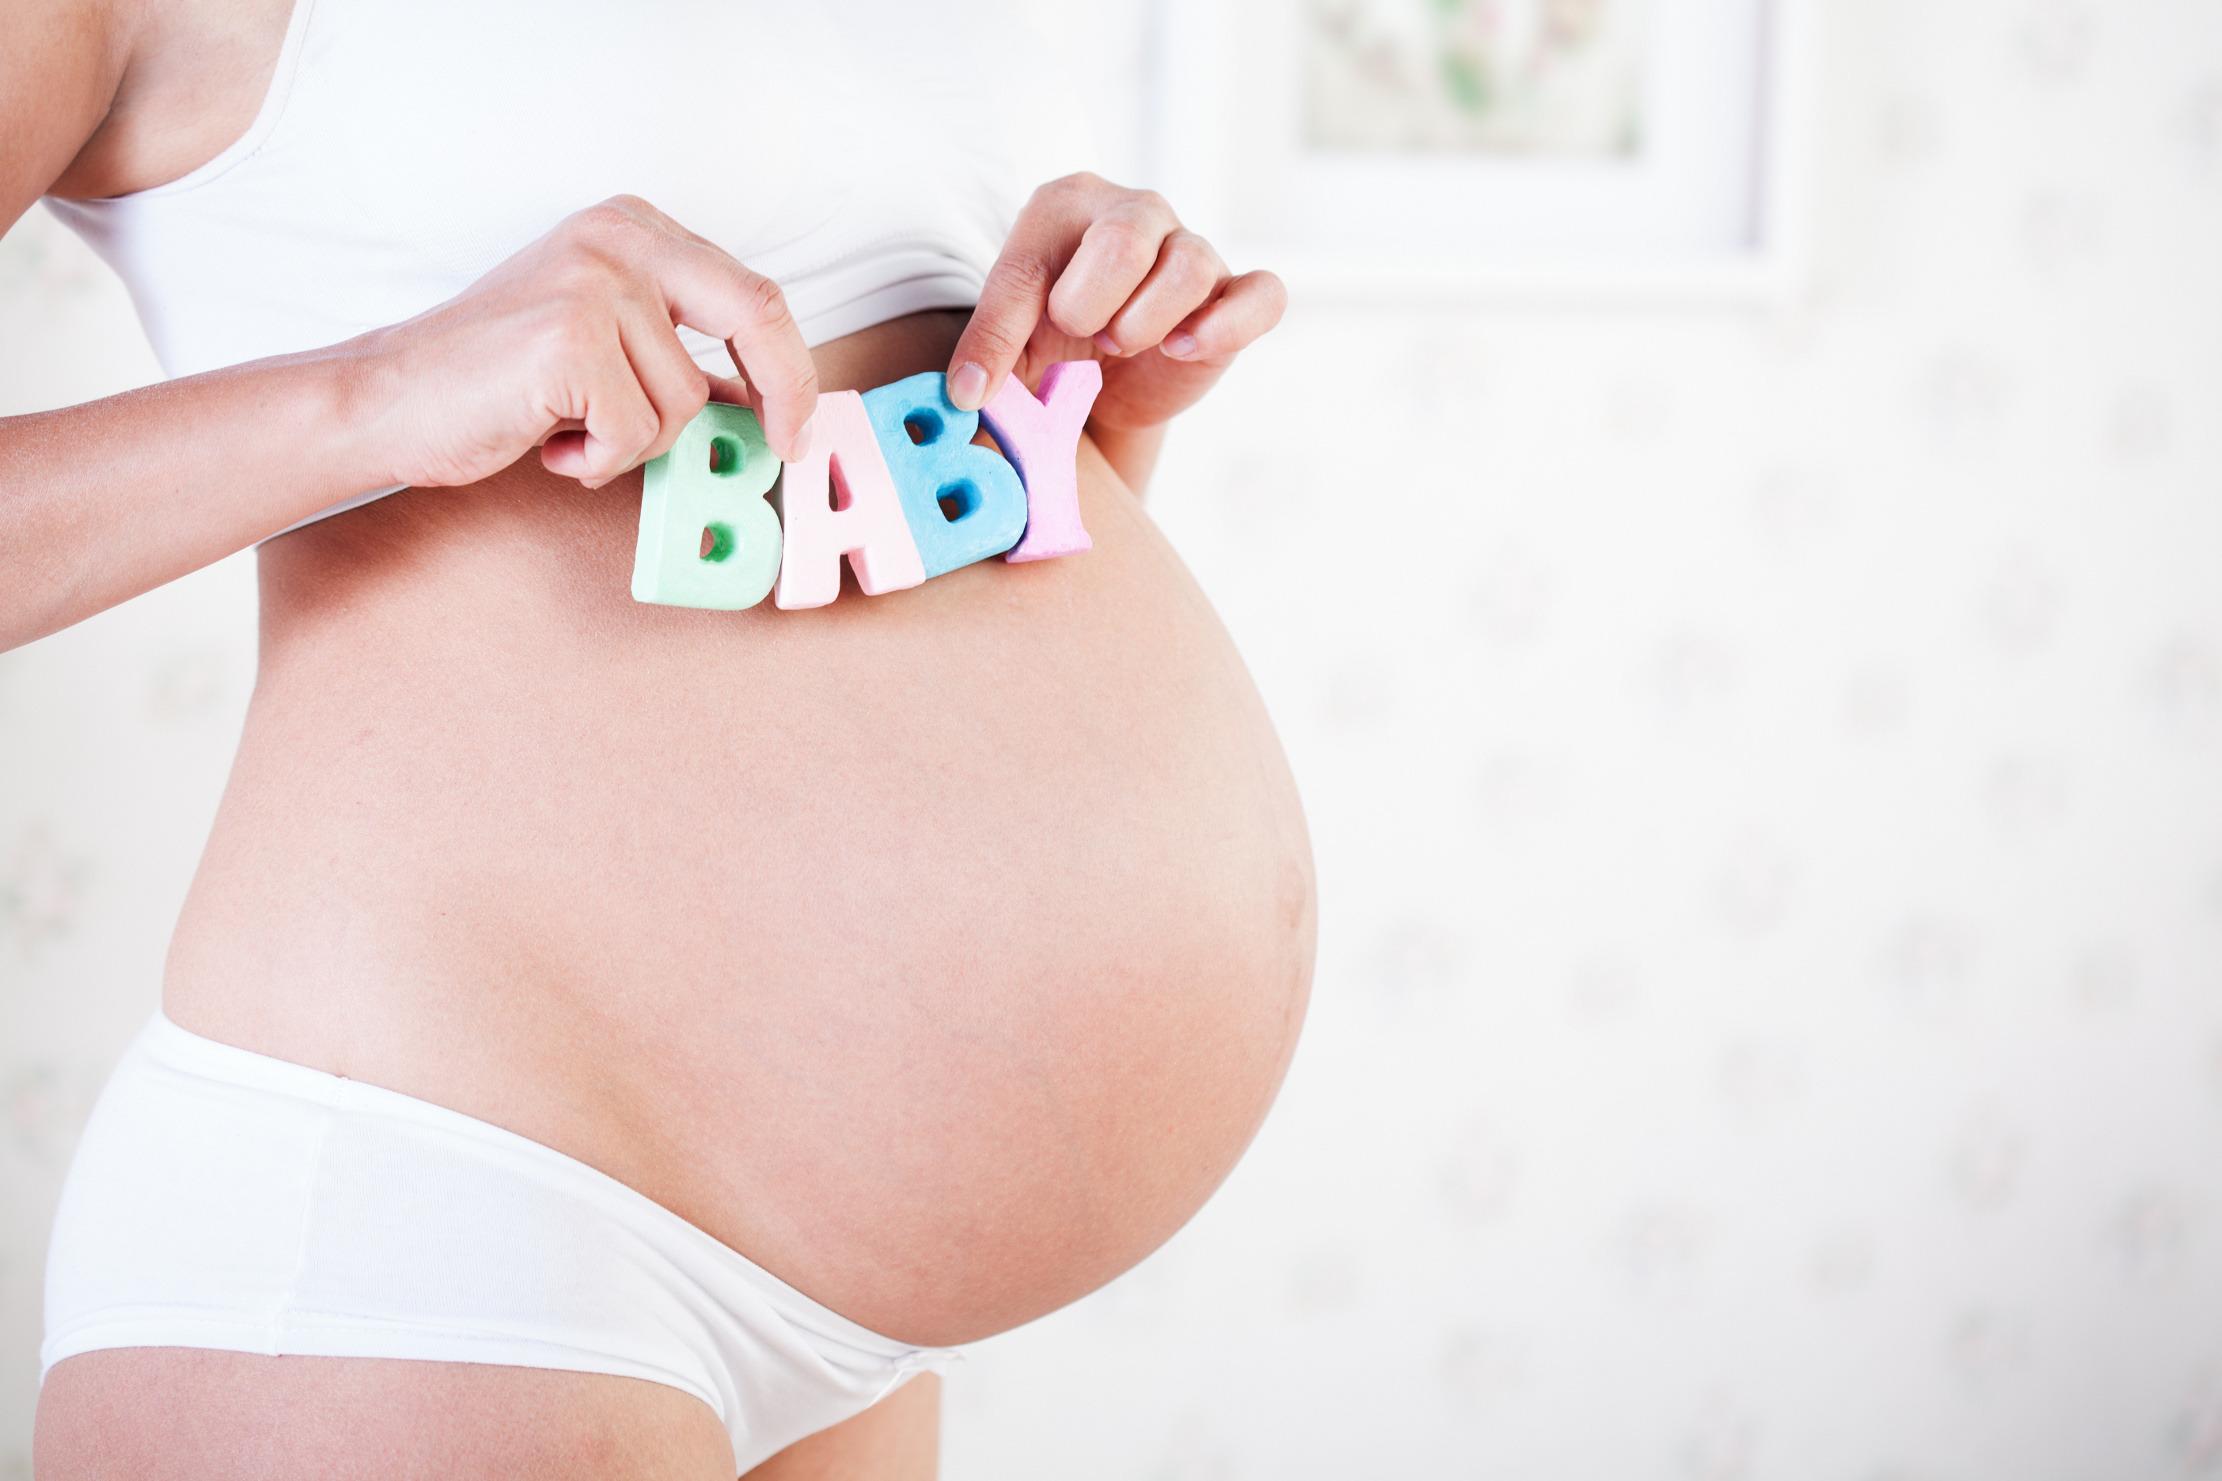 Jak dokładne są jasne niebieskie ciążowe testy ciążowe